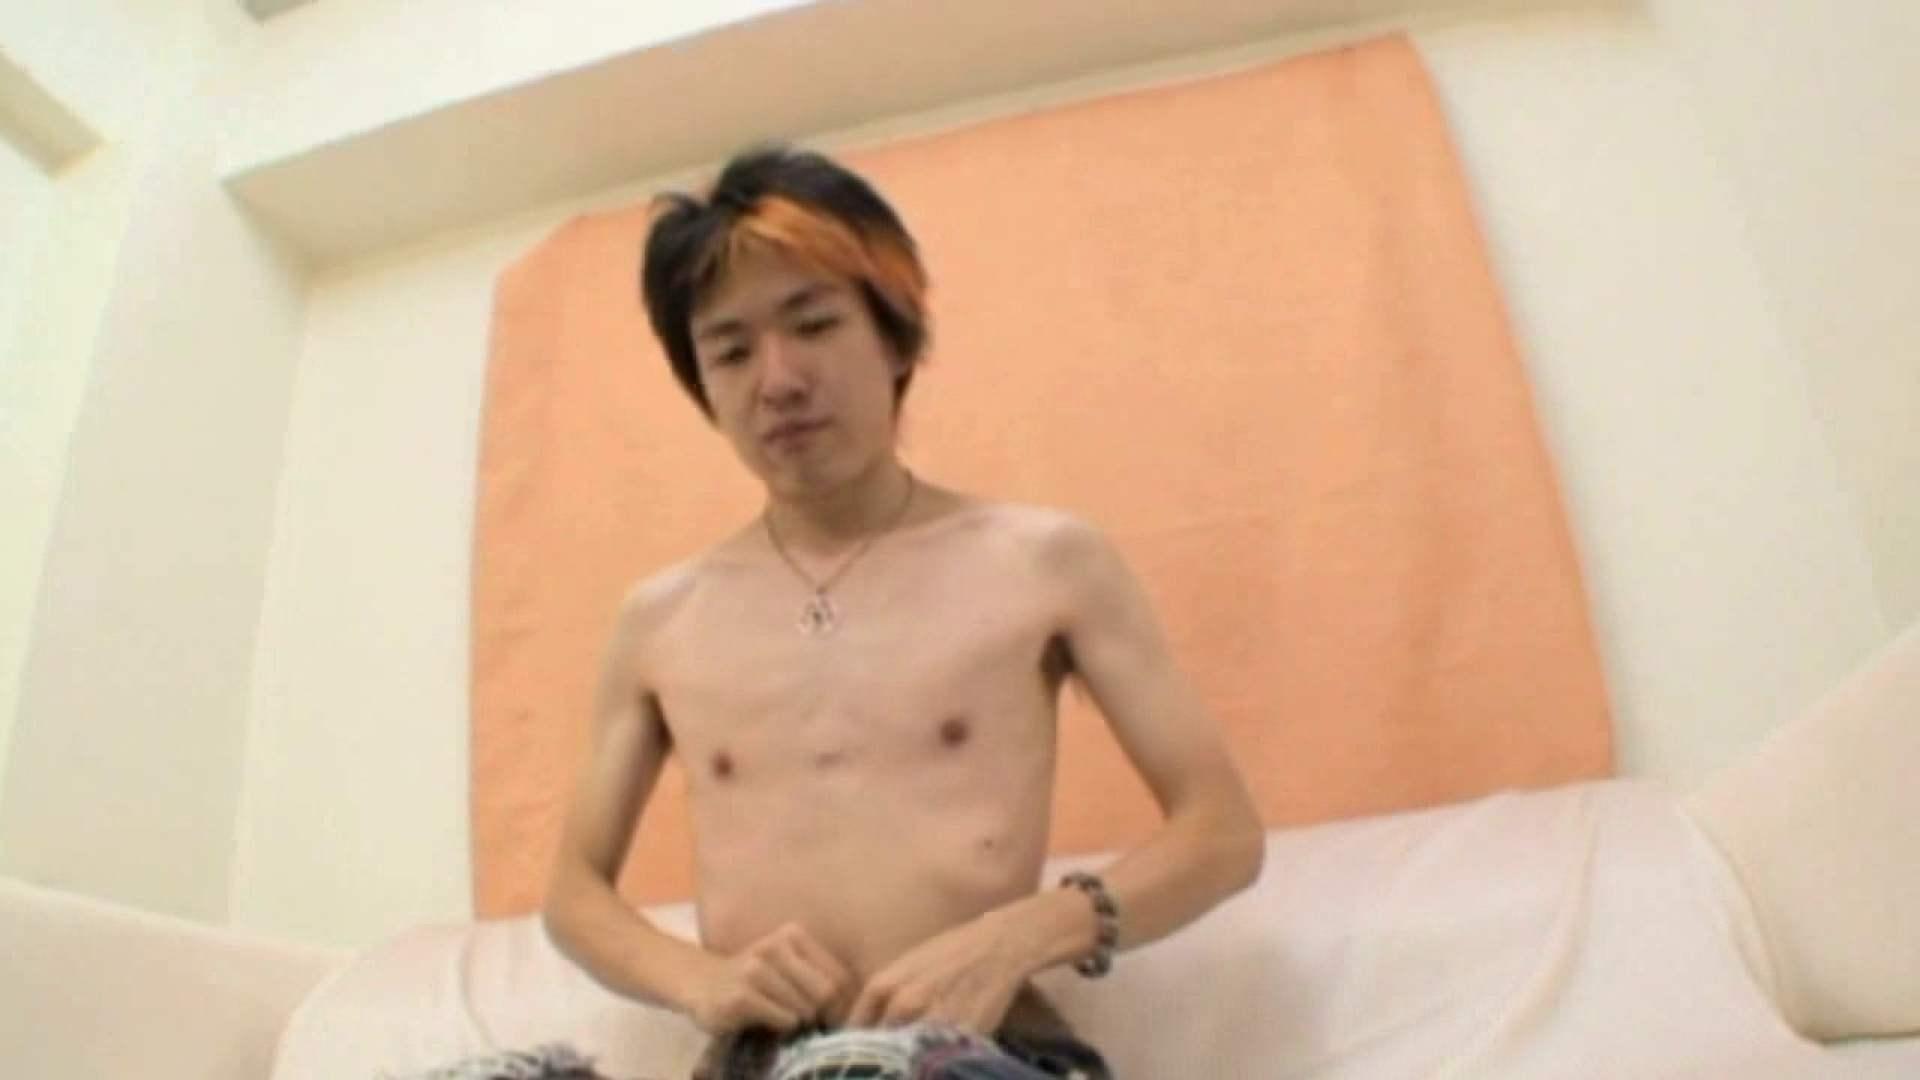 亜細亜のイケメンがイクっ!File.04 オナニー   イメージ(裸) アダルトビデオ画像キャプチャ 13連発 11